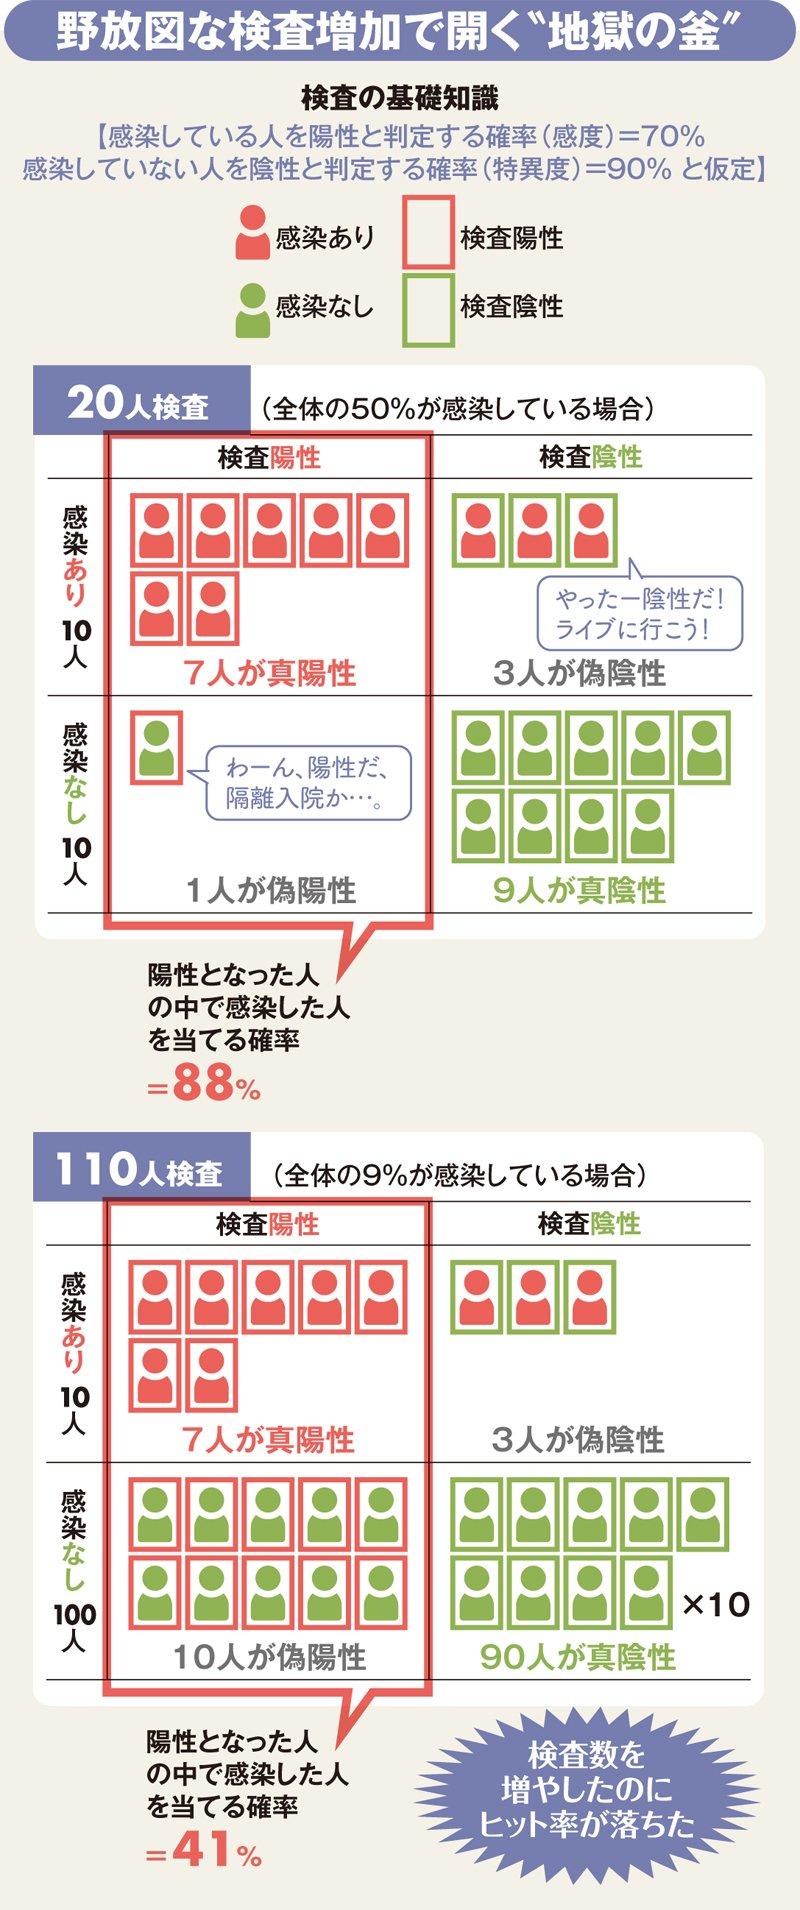 日本がコロナで「PCR検査抑制」を決めたロジックを完全図解